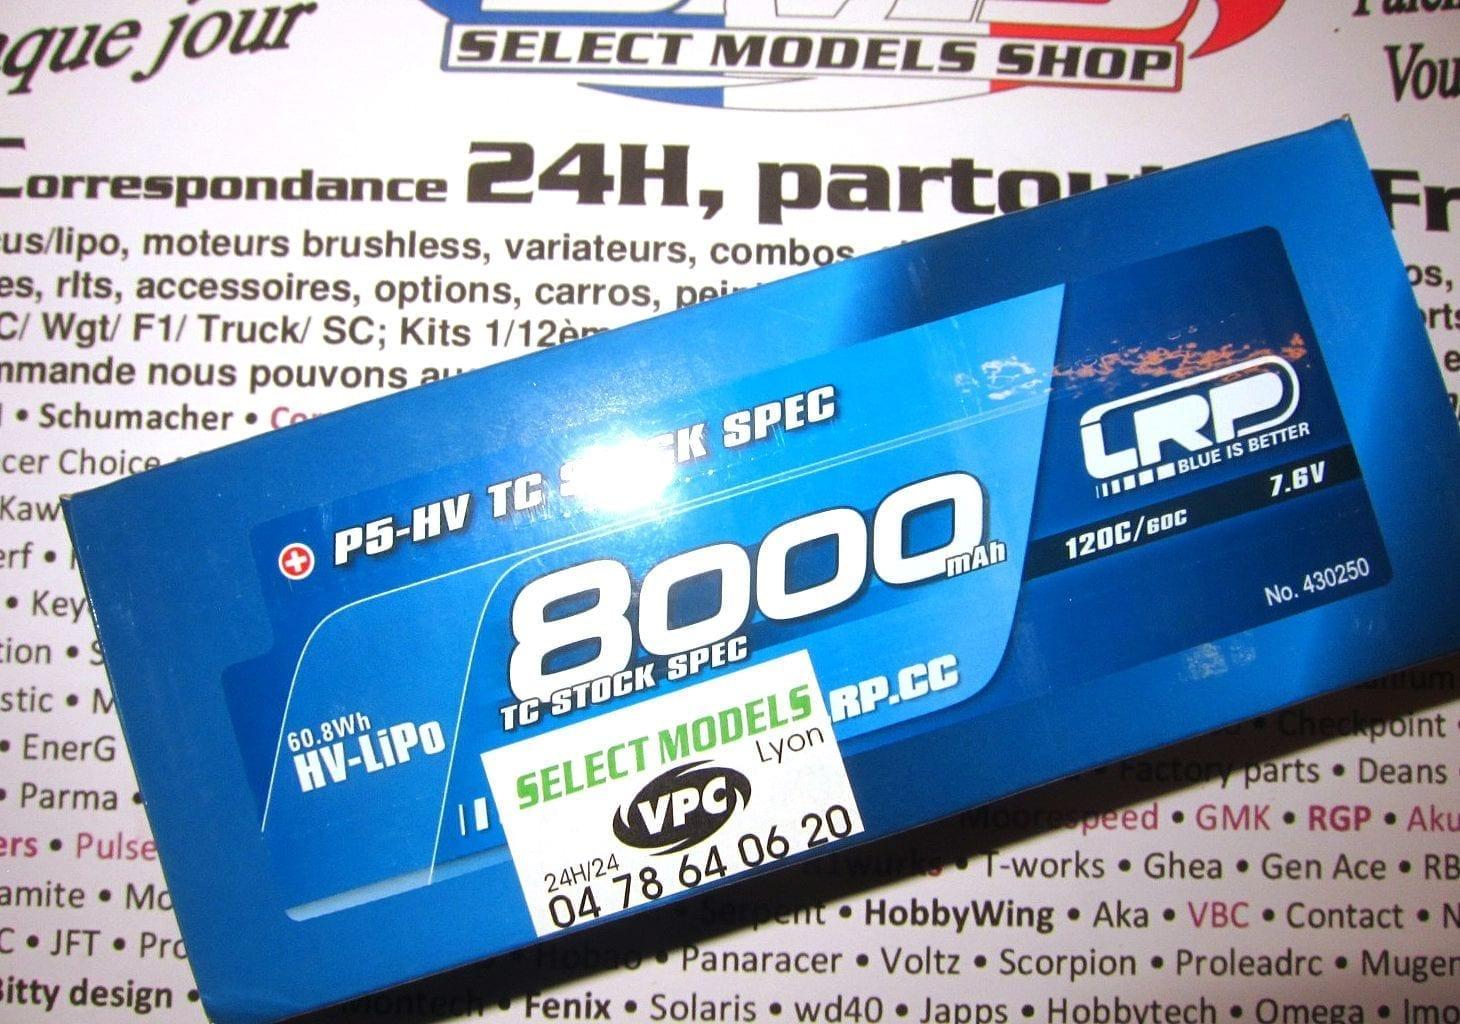 LRP 8000 120c 7.6V